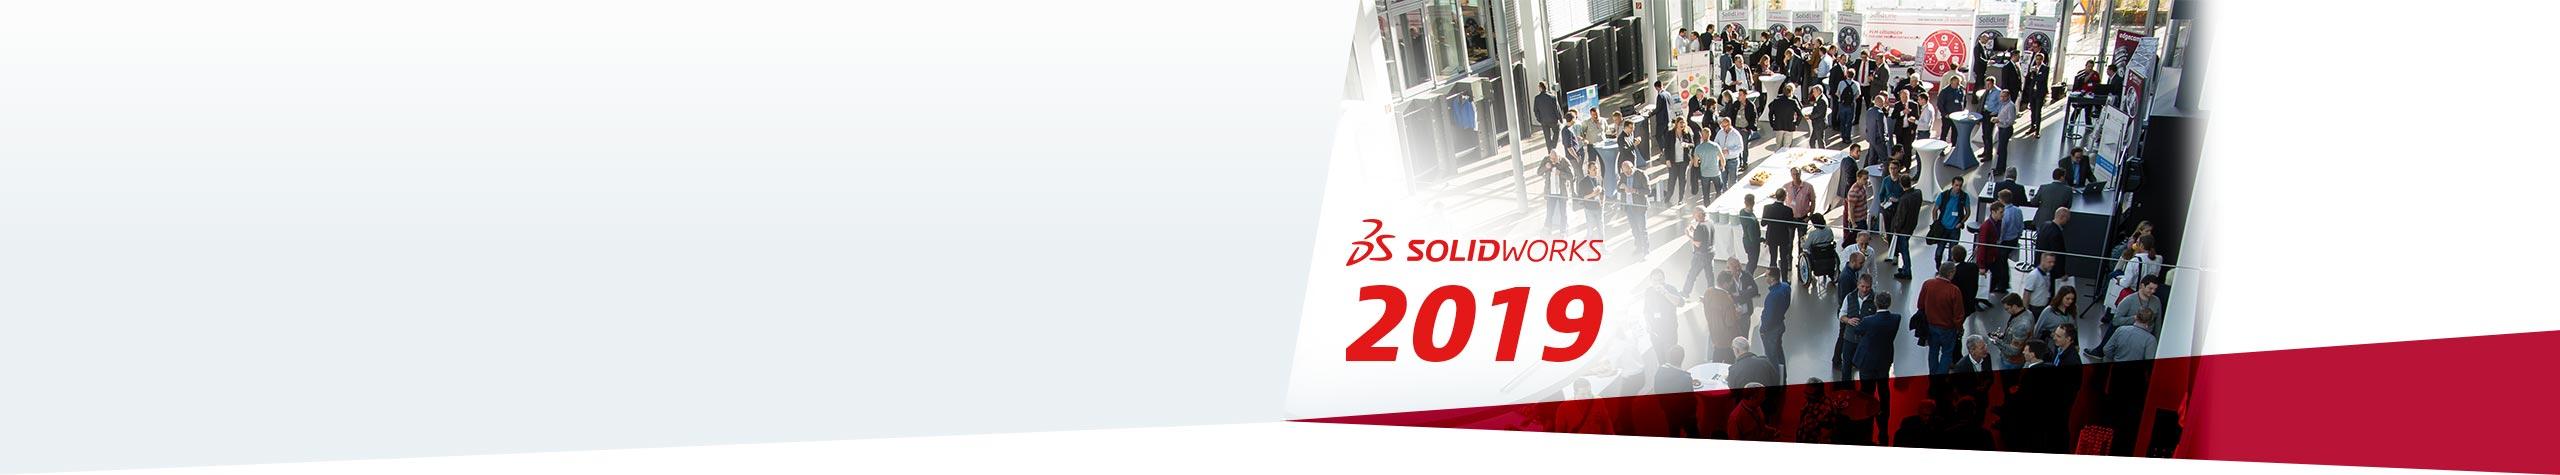 SOLIDWORKS 2019 Live erleben auf den Launch-Events!